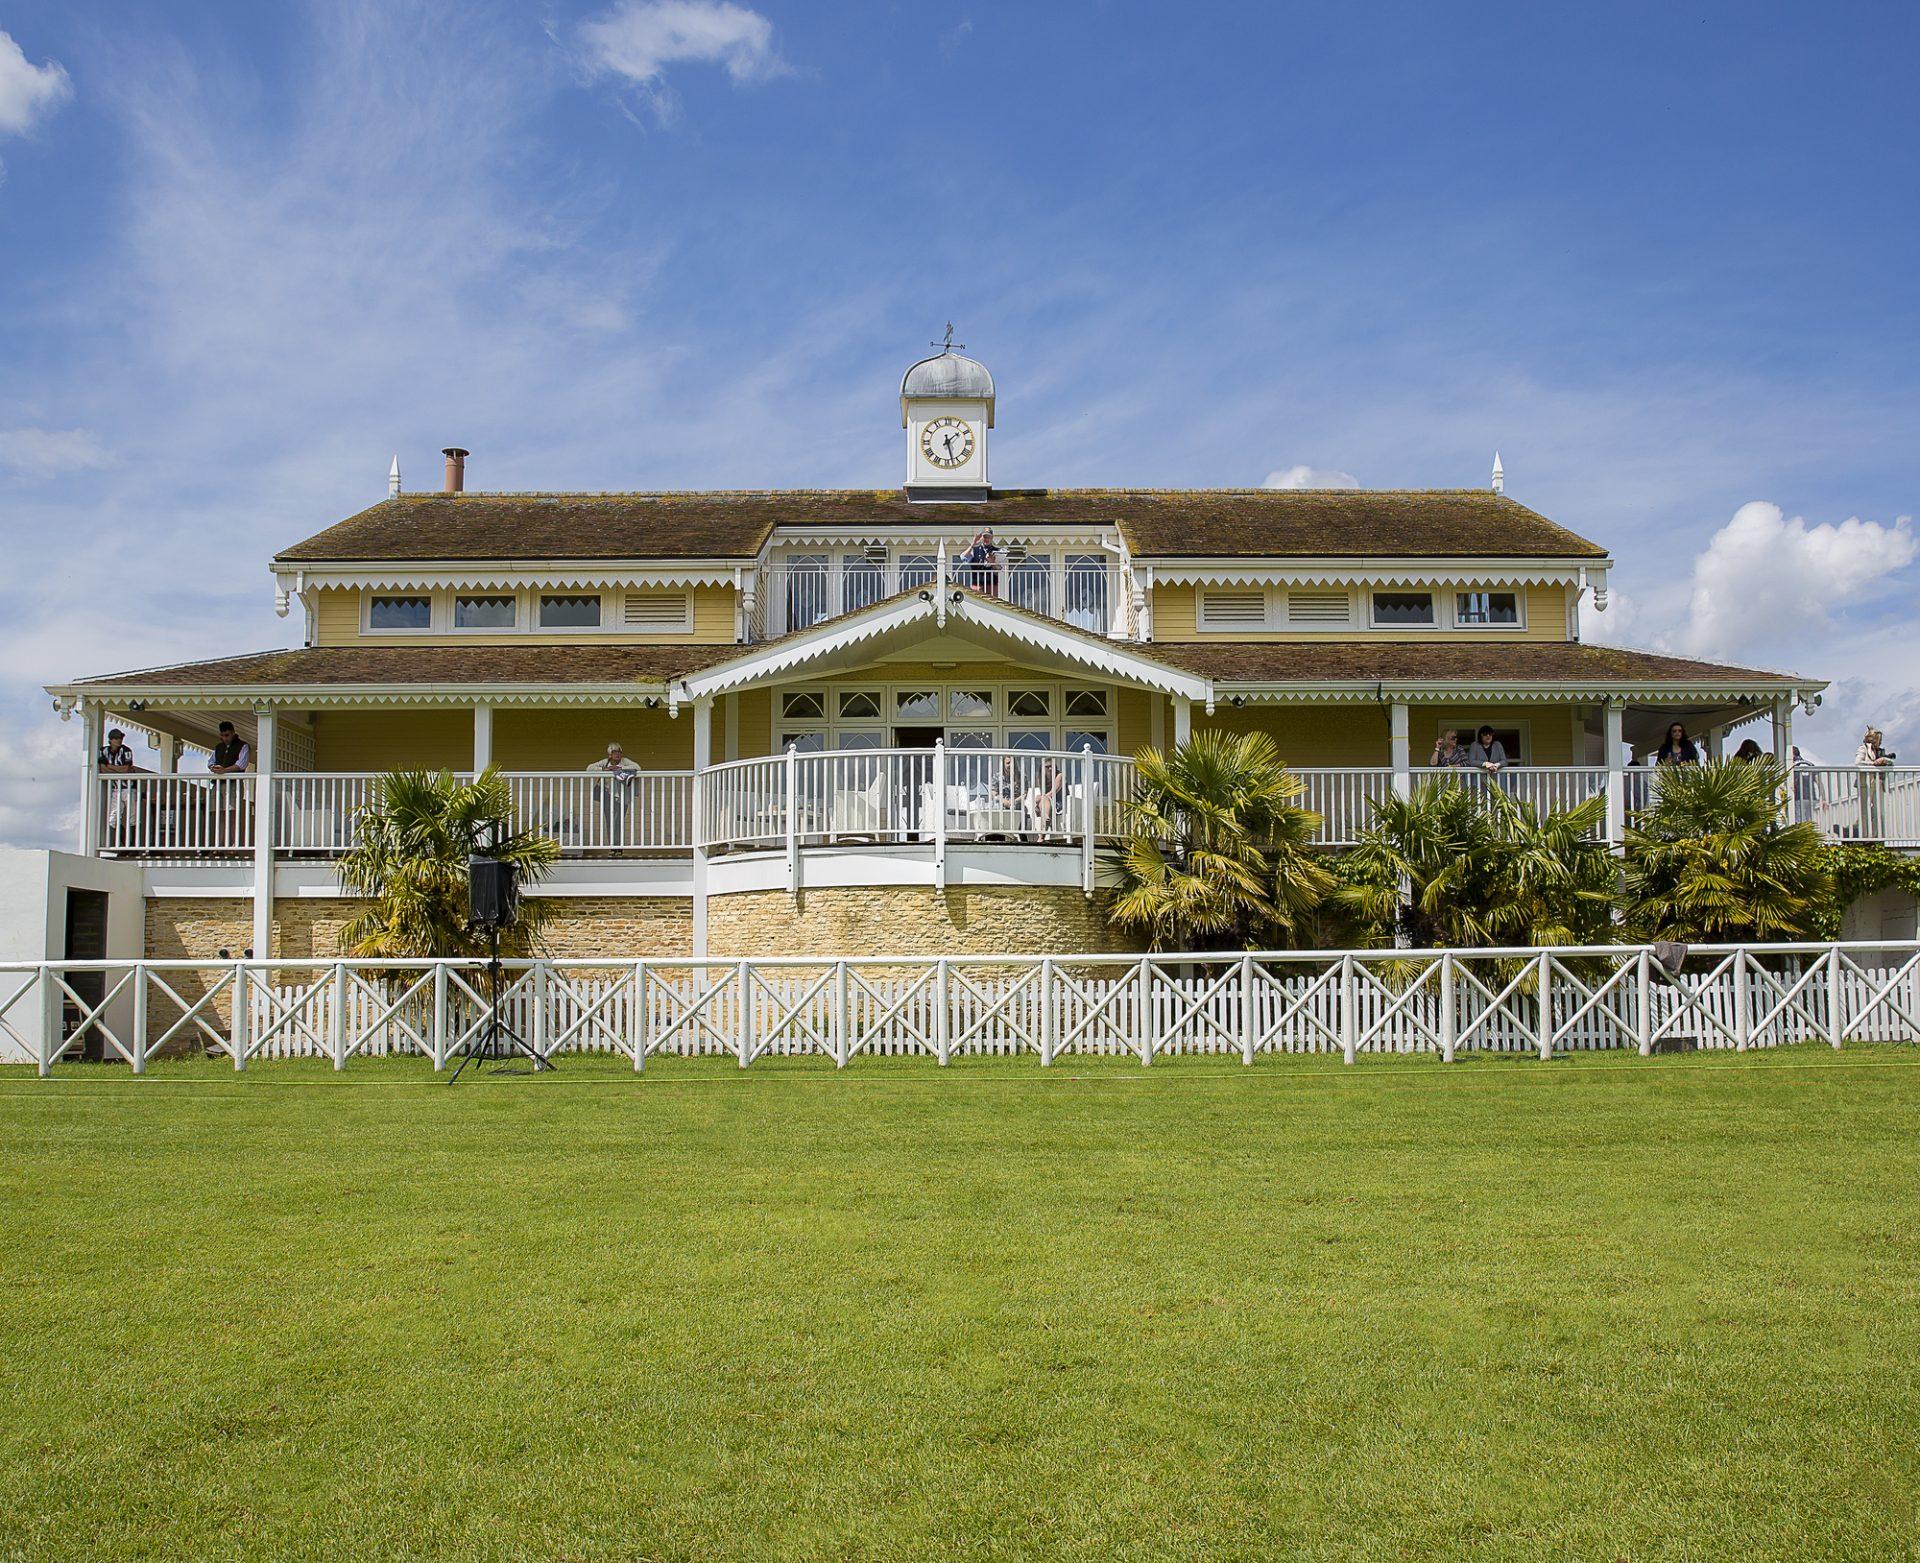 Dallas Burston Polo Club - Towards Club House